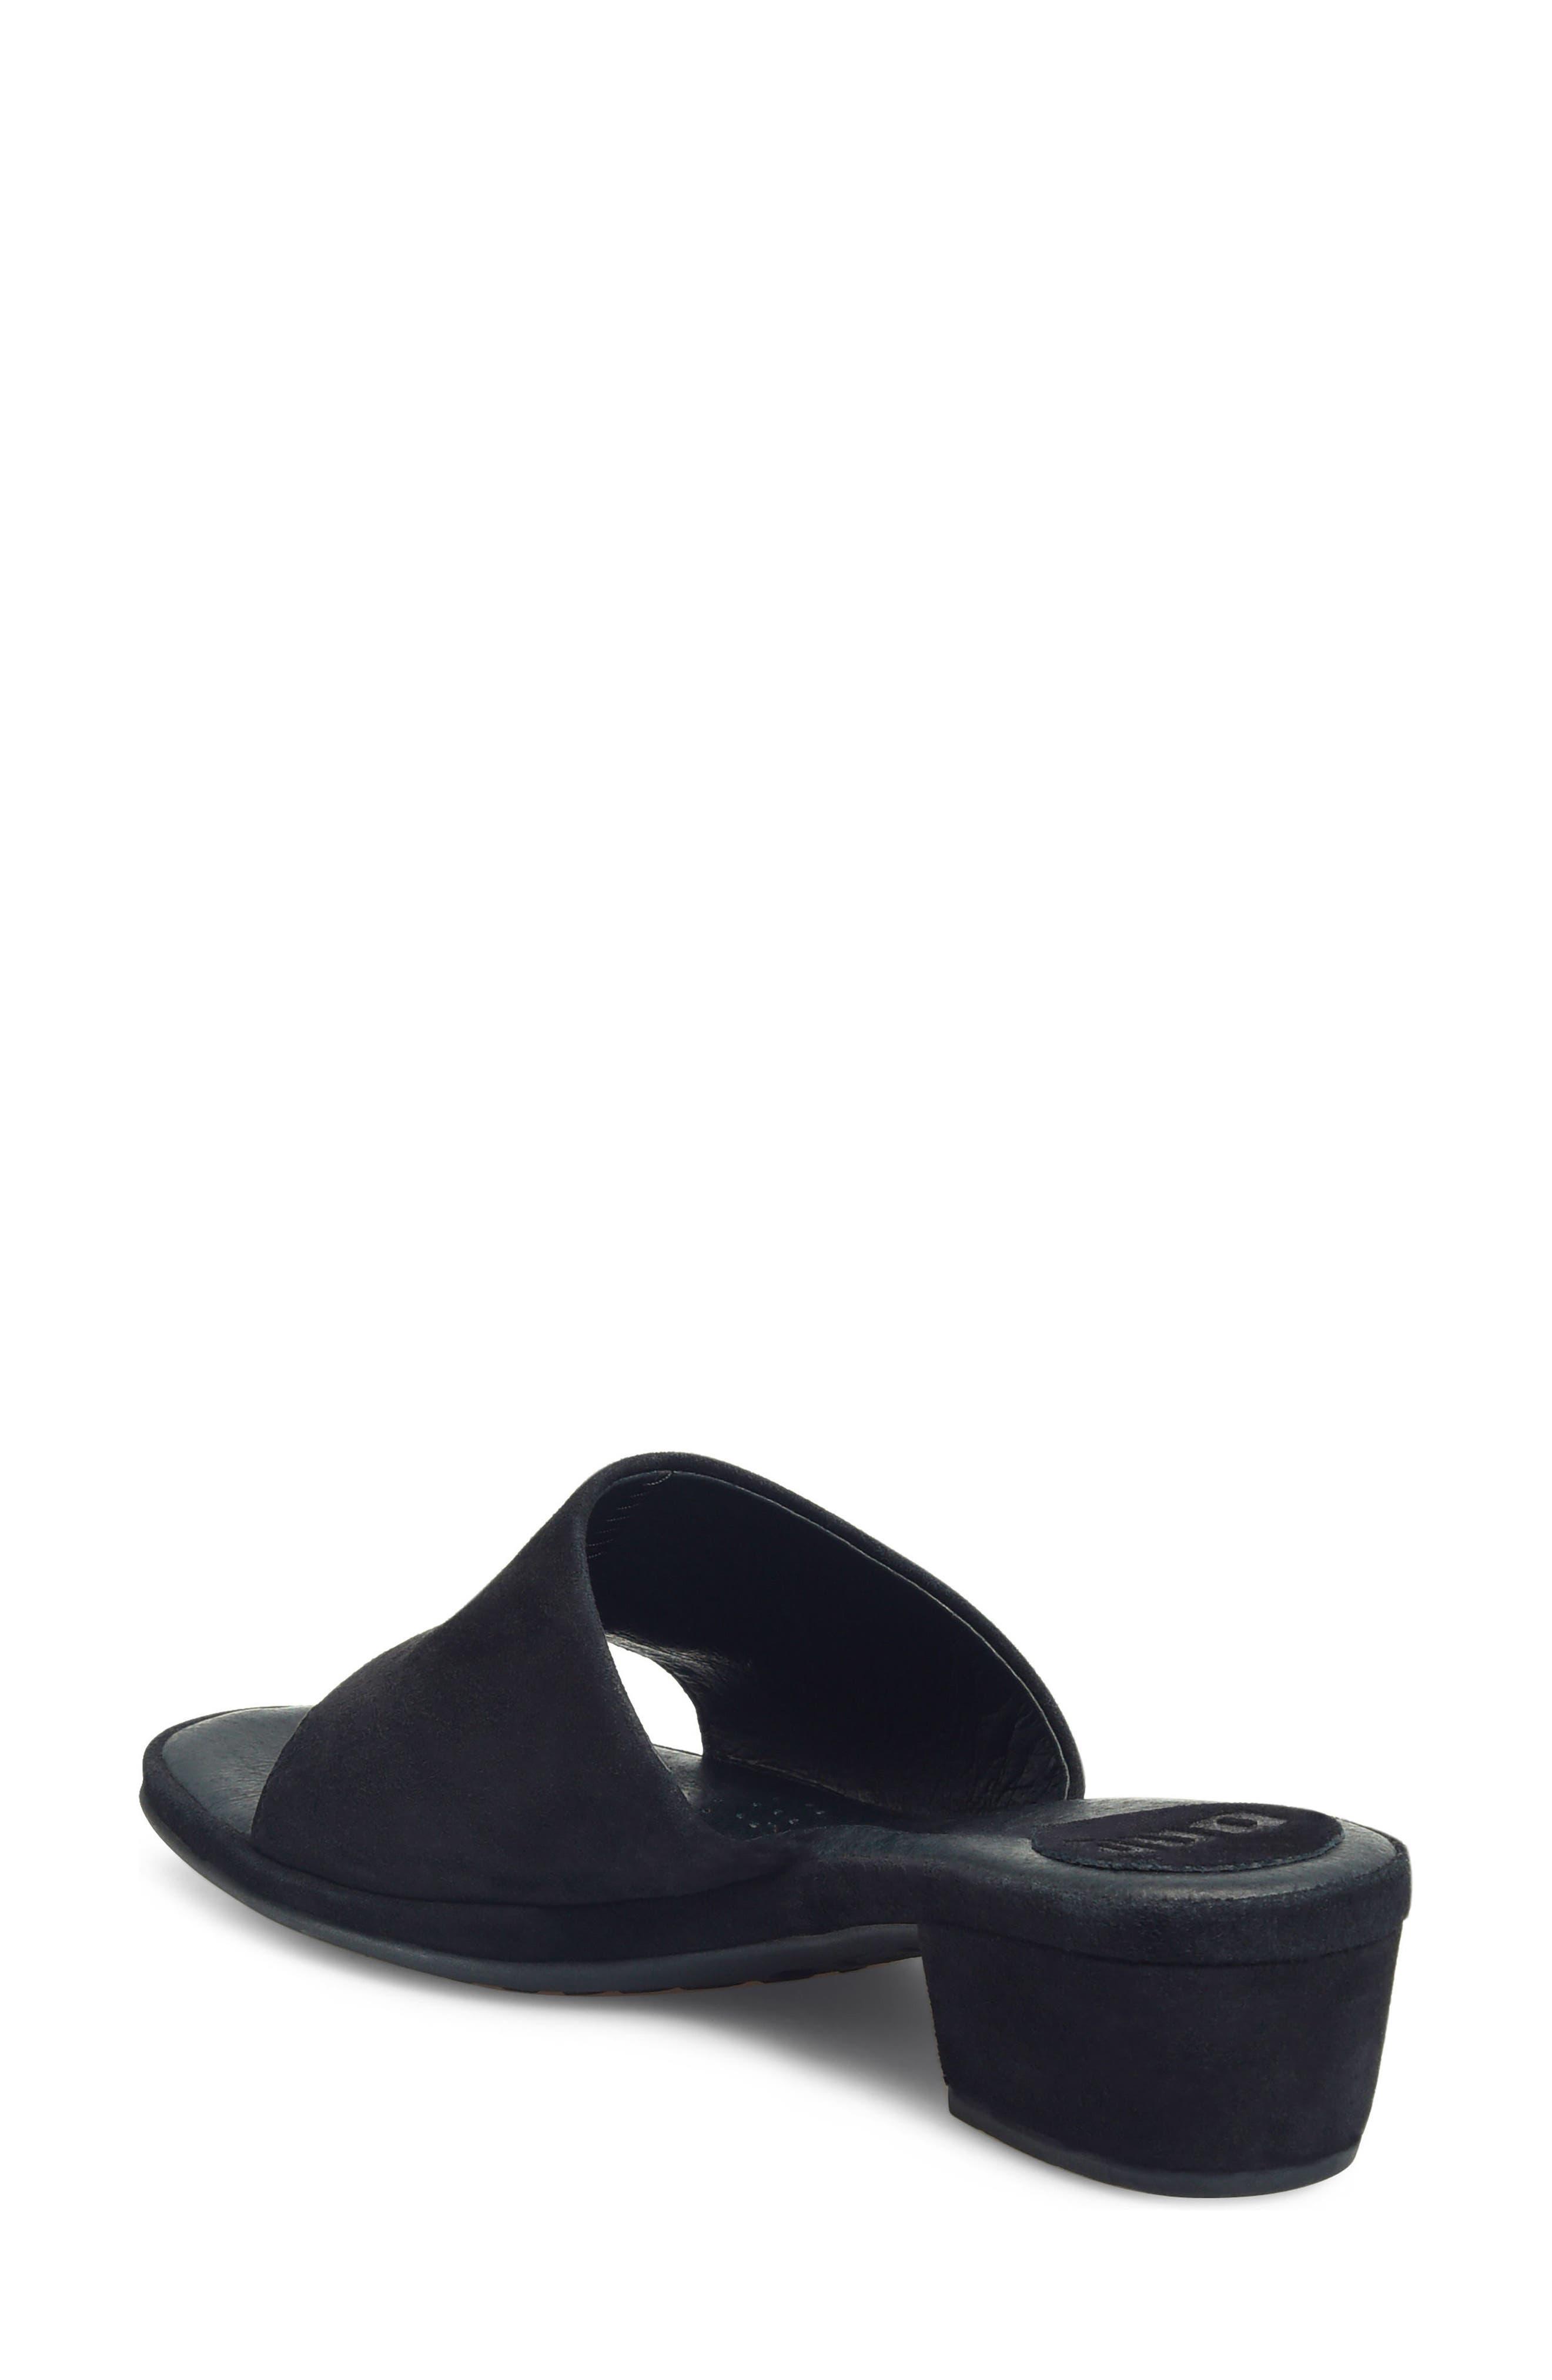 Alternate Image 2  - ONO Bo Block Heel Slide Sandal (Women)